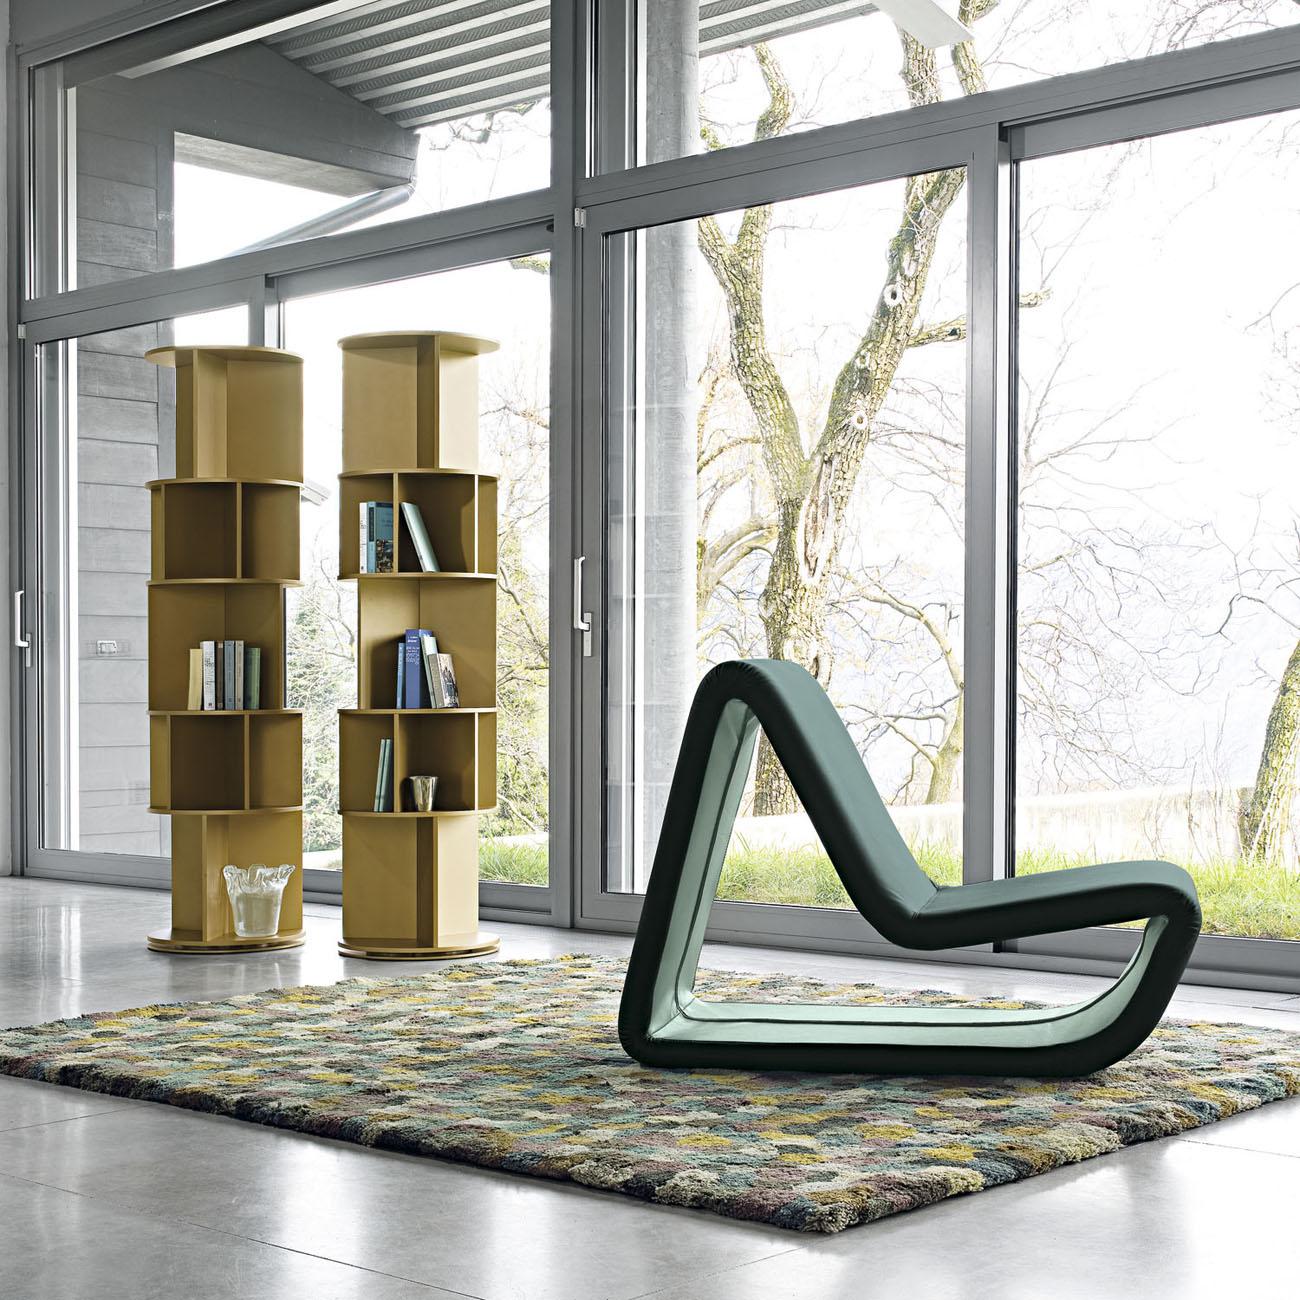 Muebles de dise o siente la personalidad del dise ador for Software diseno de muebles